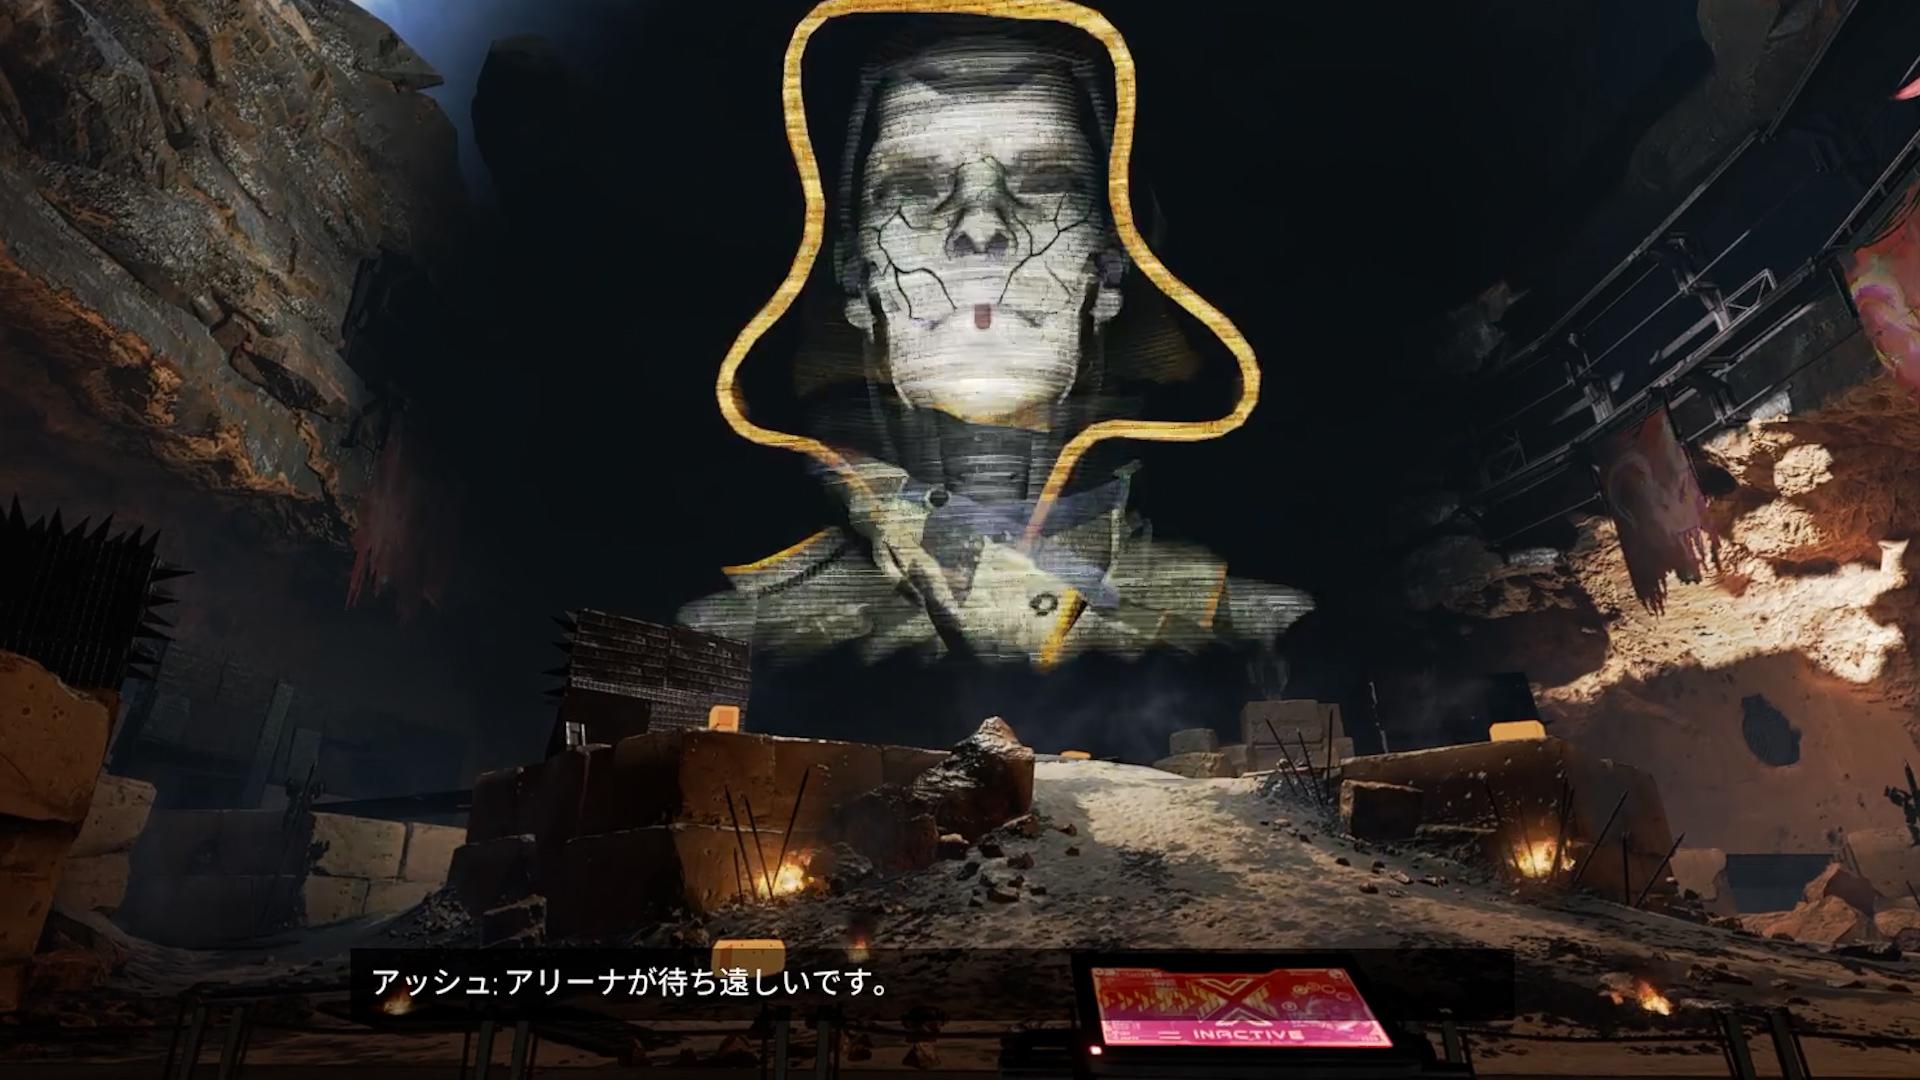 【APEX】「アリーナモード」のティザーがゲーム内で見れるようになったぞ!!→見るまでの手順解説・まとめ